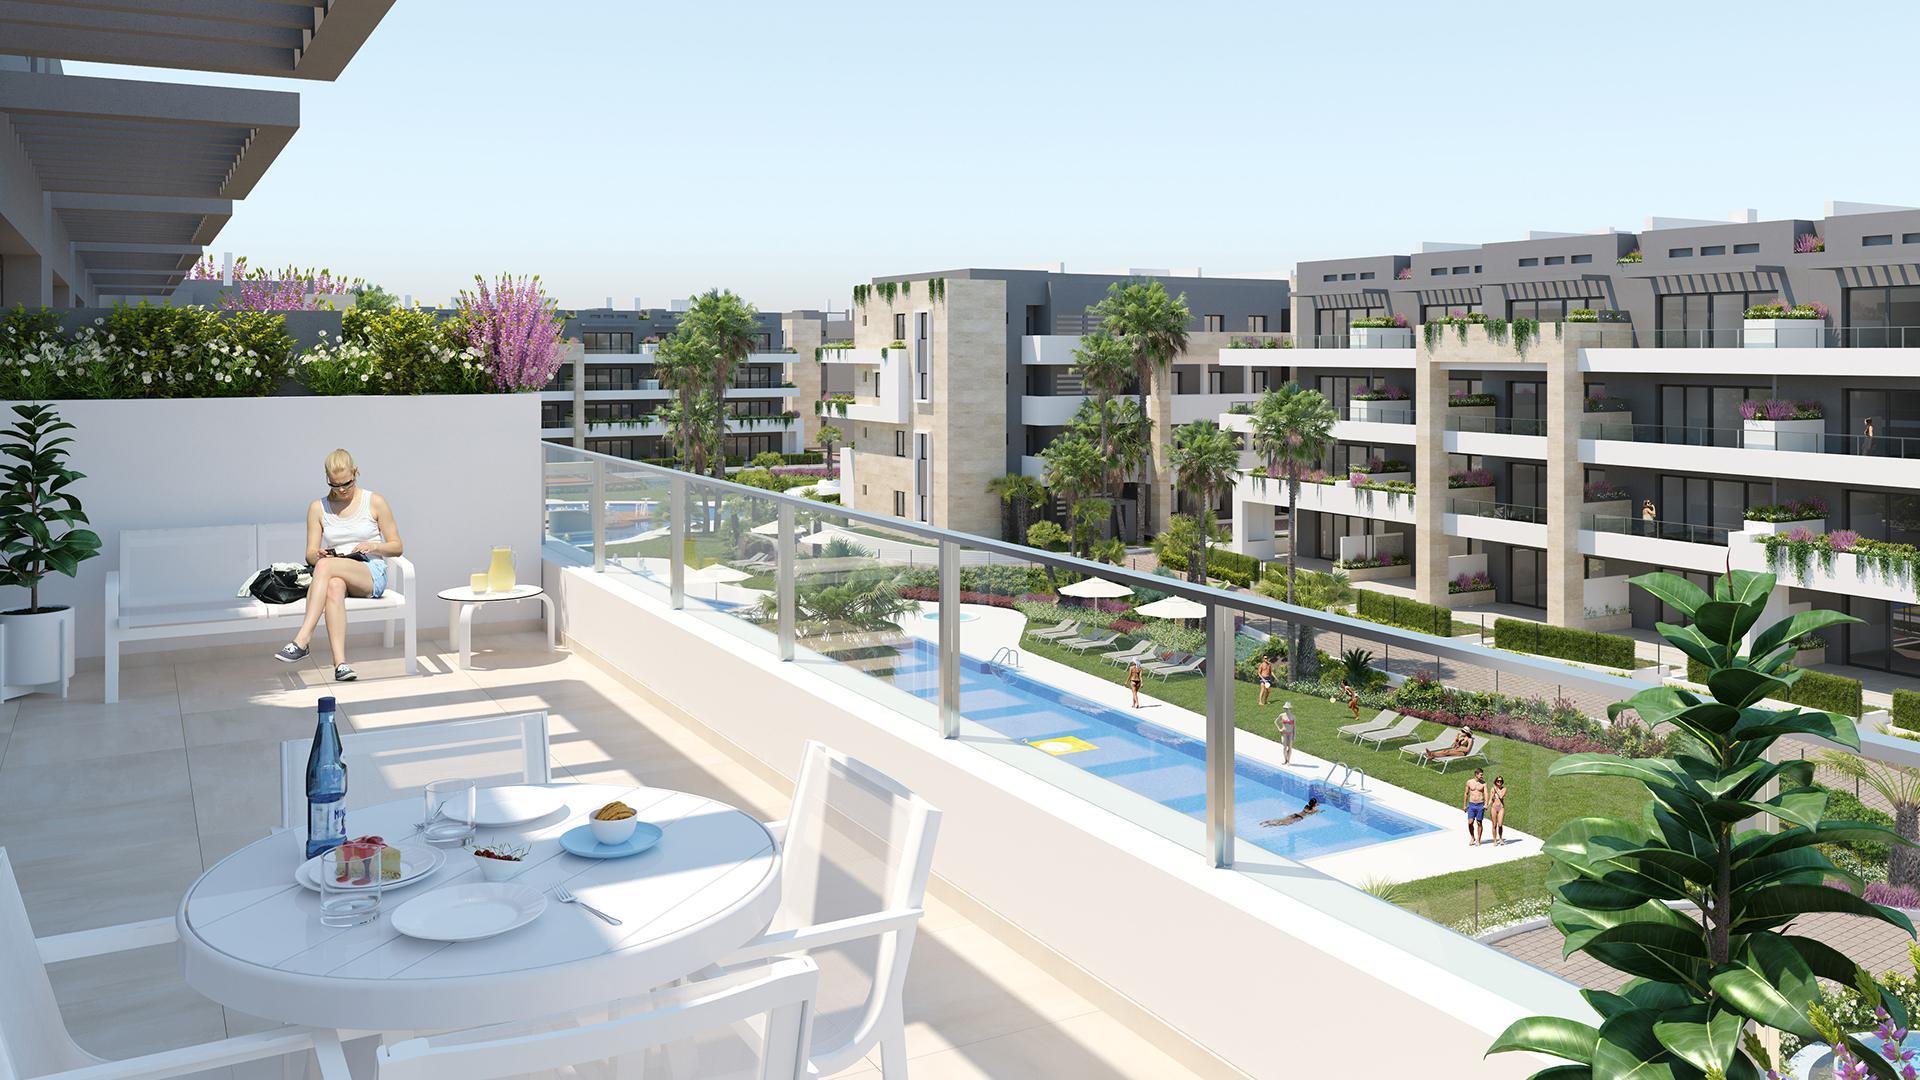 Appartementen op 500m van het strand in Playa Flamenca, Orihuela in Medvilla Spanje